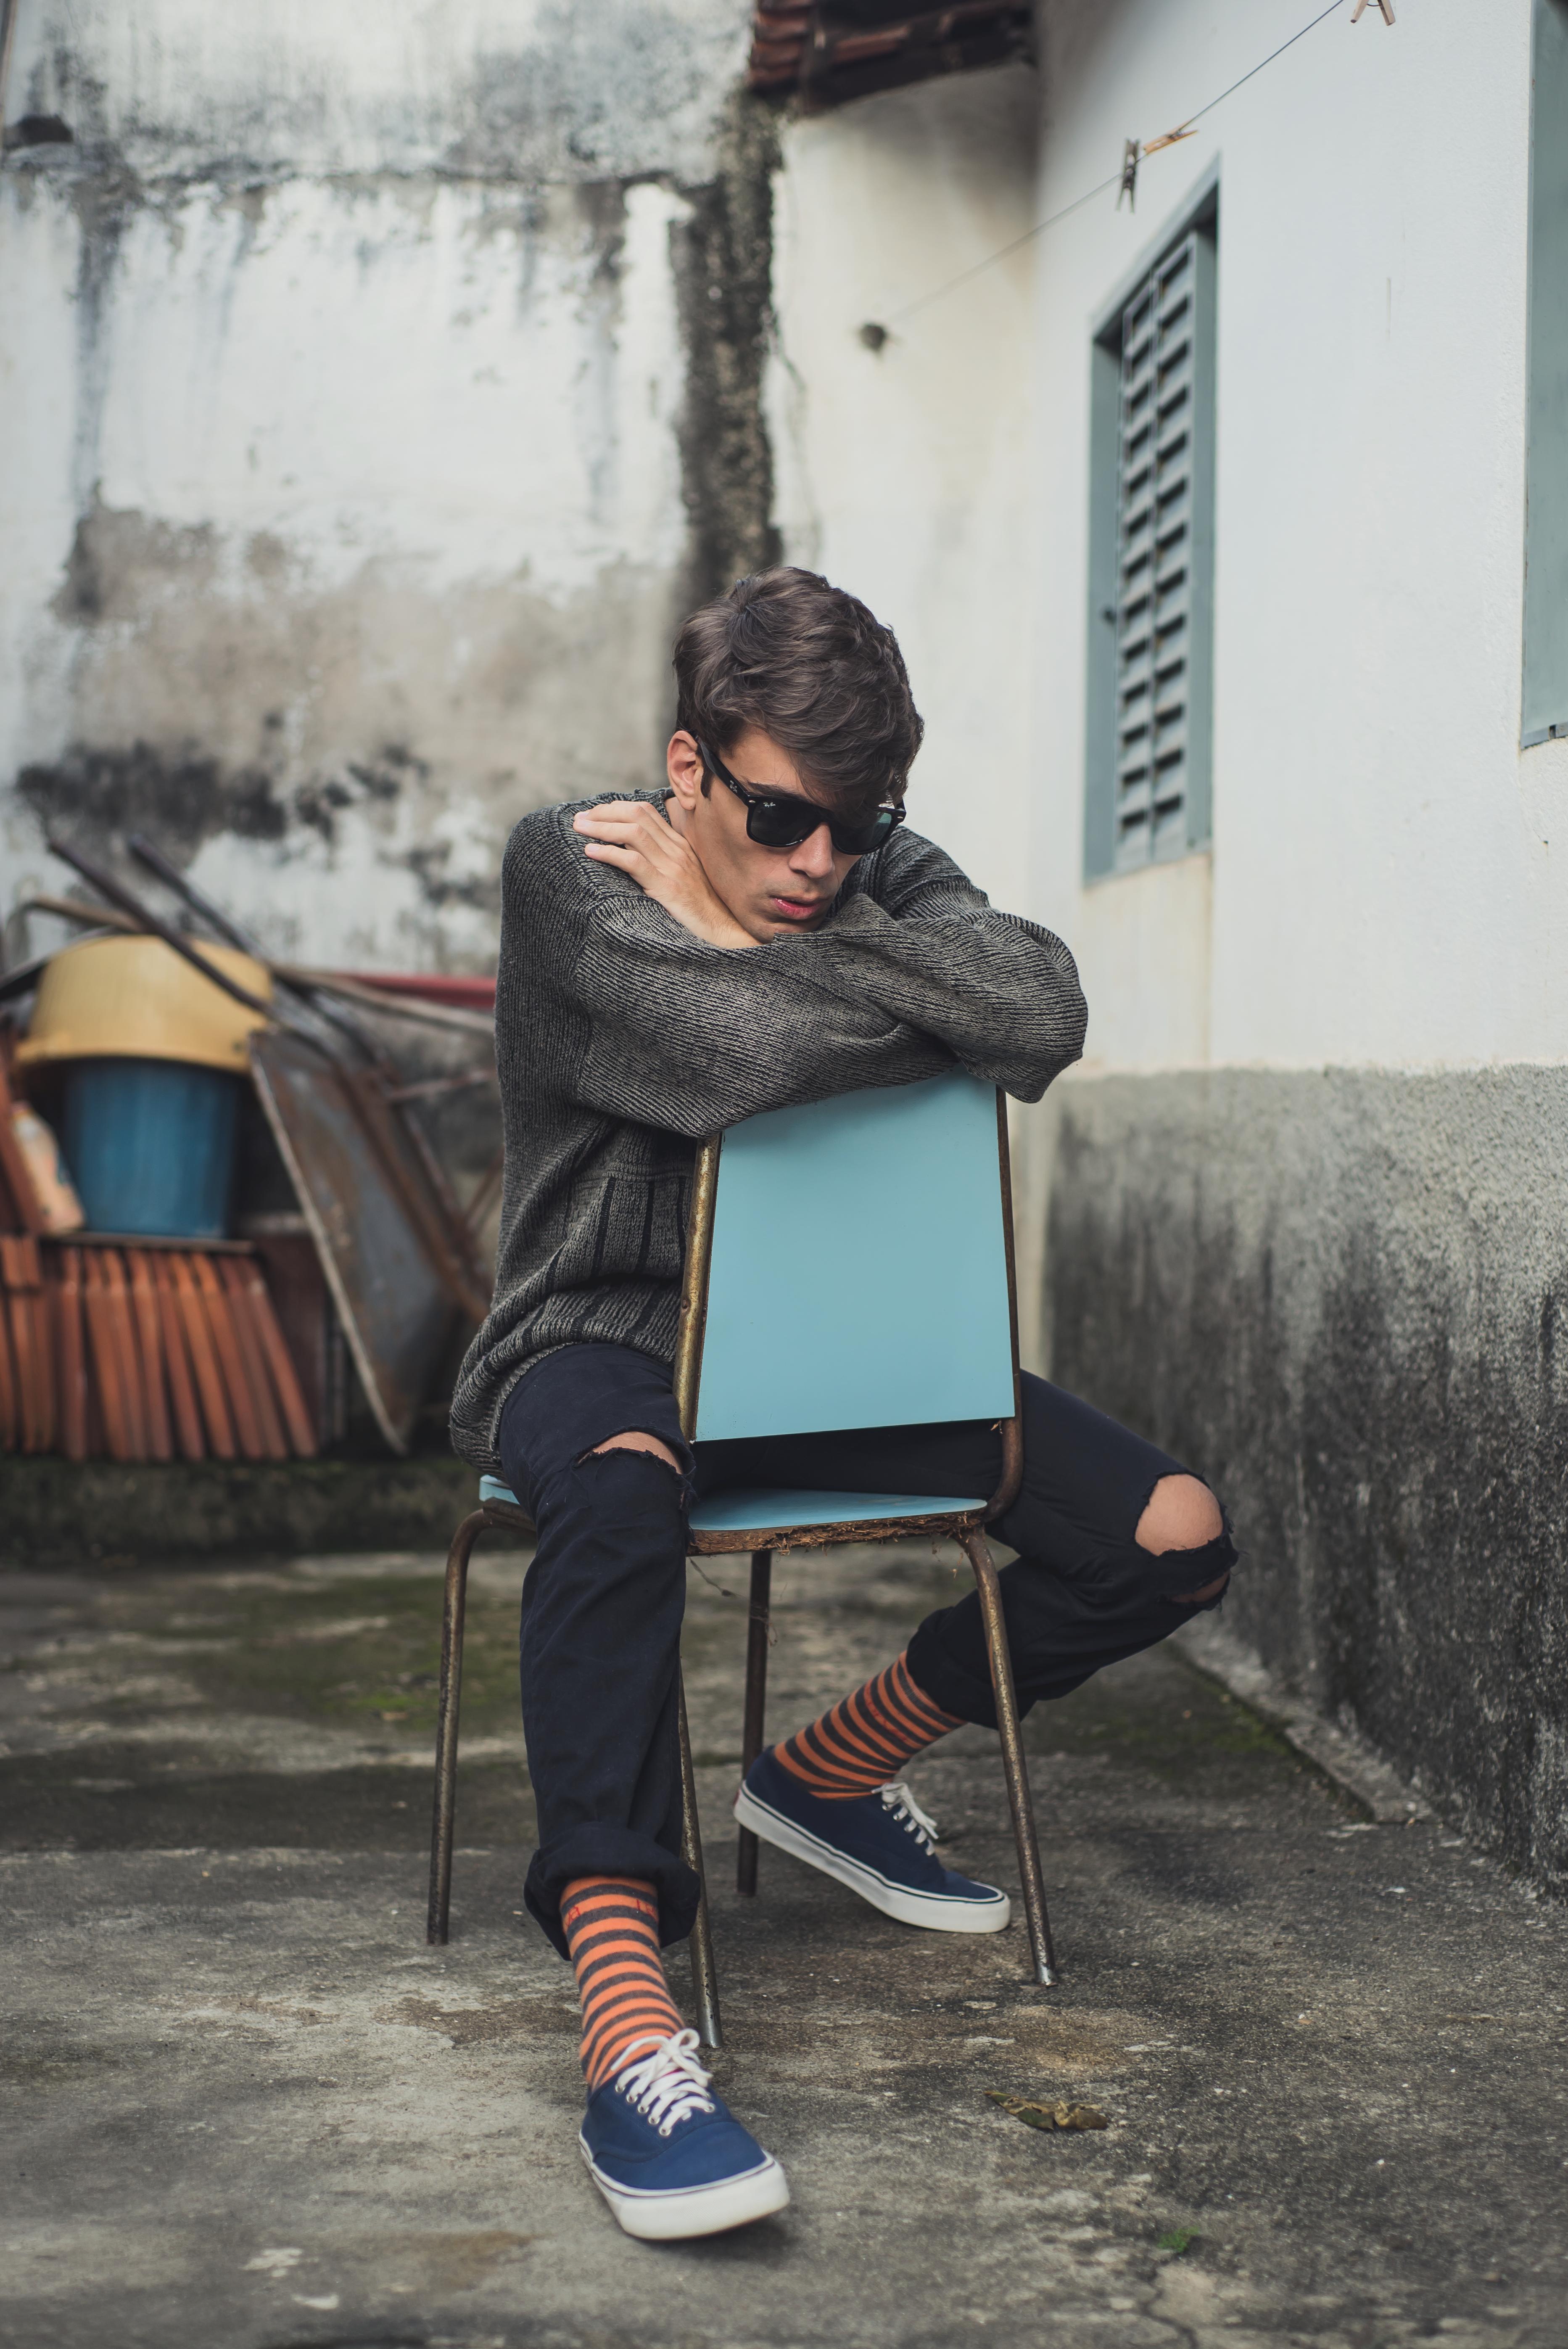 alex-cursino-rafaella-santiago-matheus-komatsu-shooting-editorial-de-moda-influencer-youtuber-blogueiro-de-moda-dicas-de-moda-como-ser-estiloso-anos-90-roupa-masculina-vogue-5